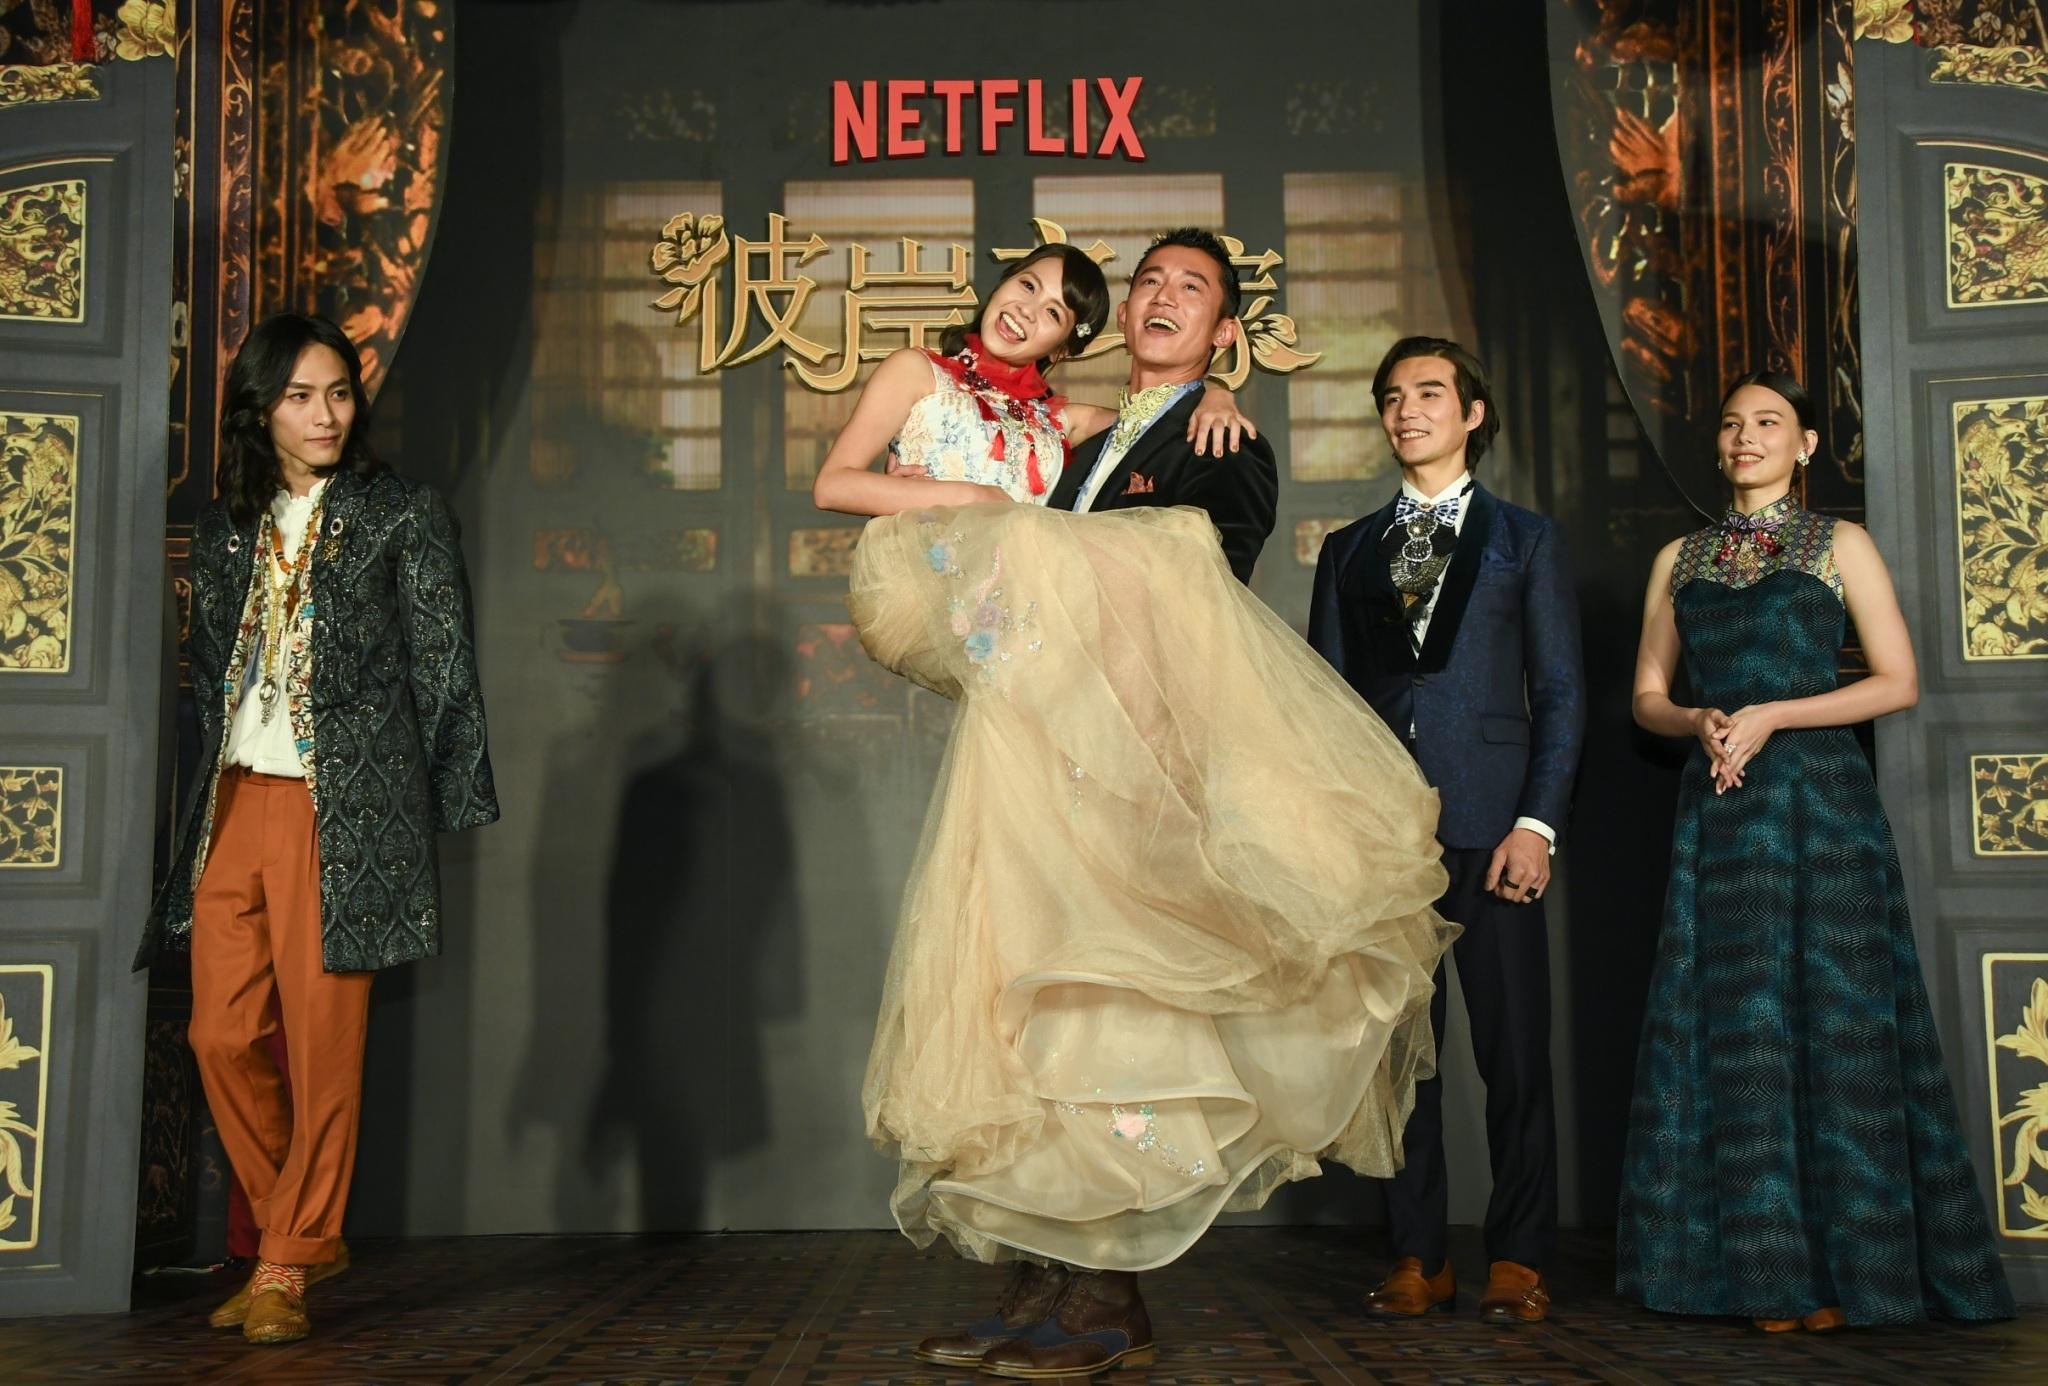 Netflix華語原創自製影集 《彼岸之嫁》金鼠年前熱鬧歡慶跨次元婚禮